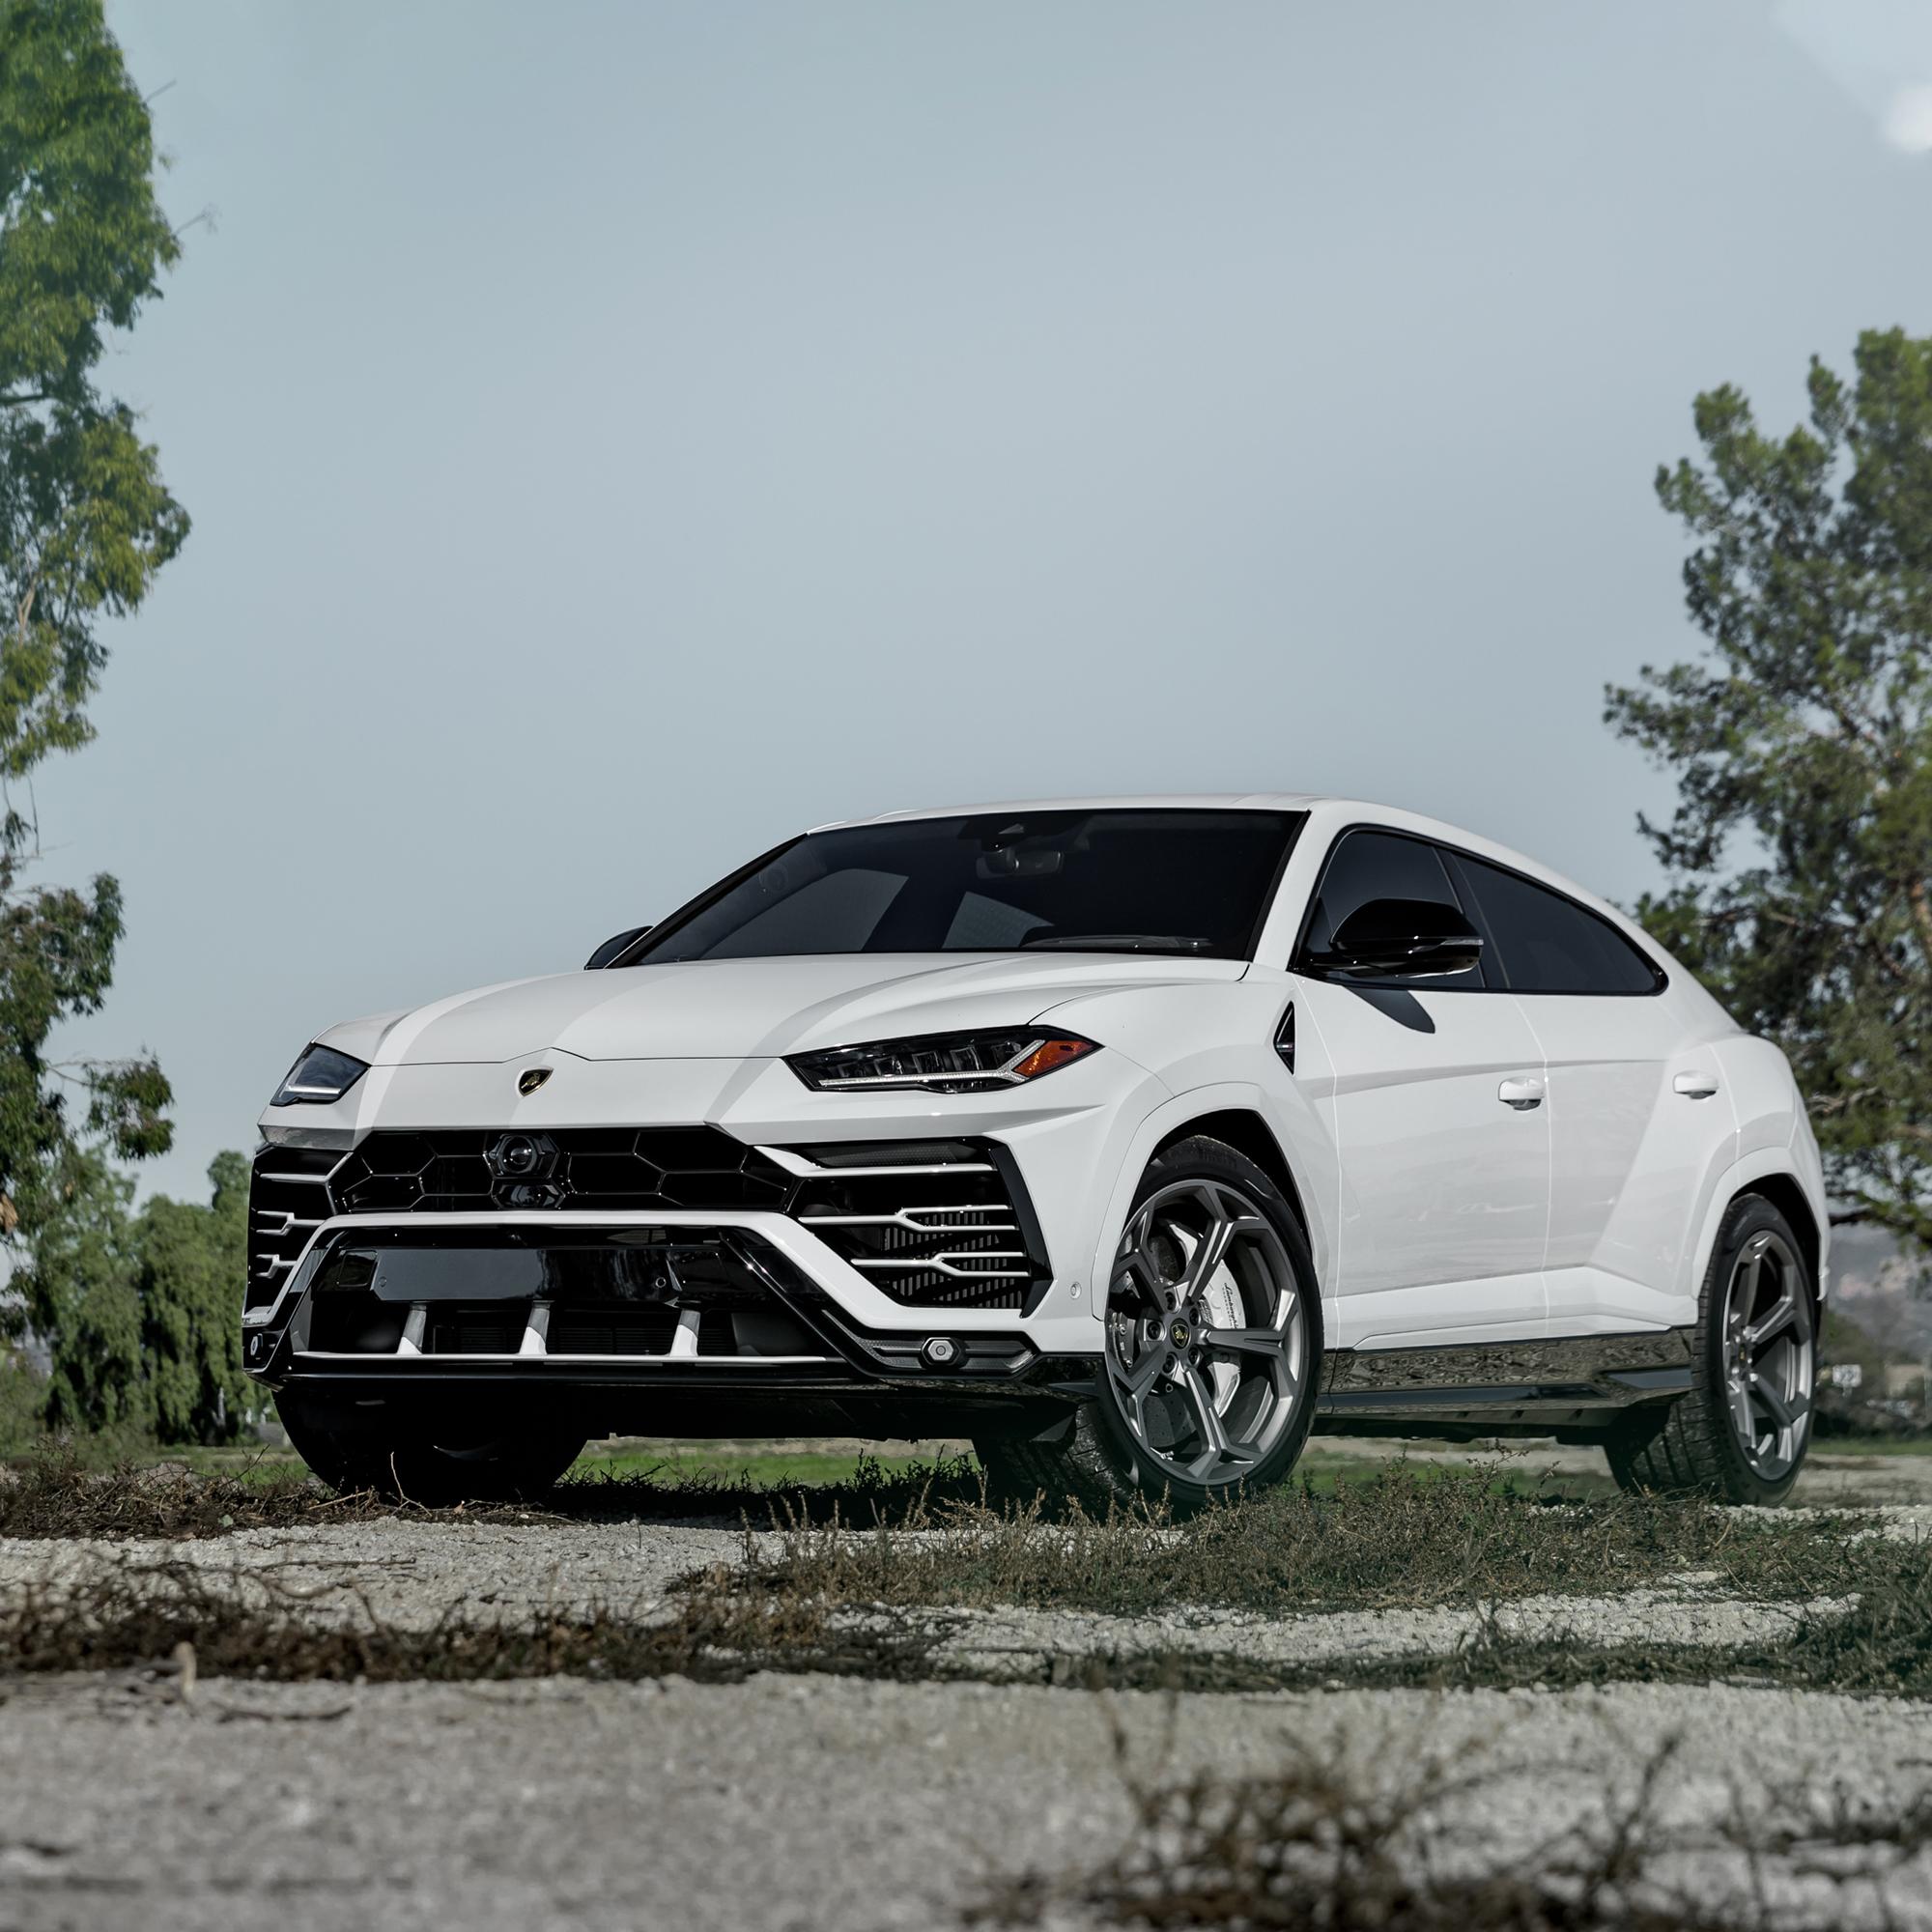 Lamborghini Urus for Boden Autohaus